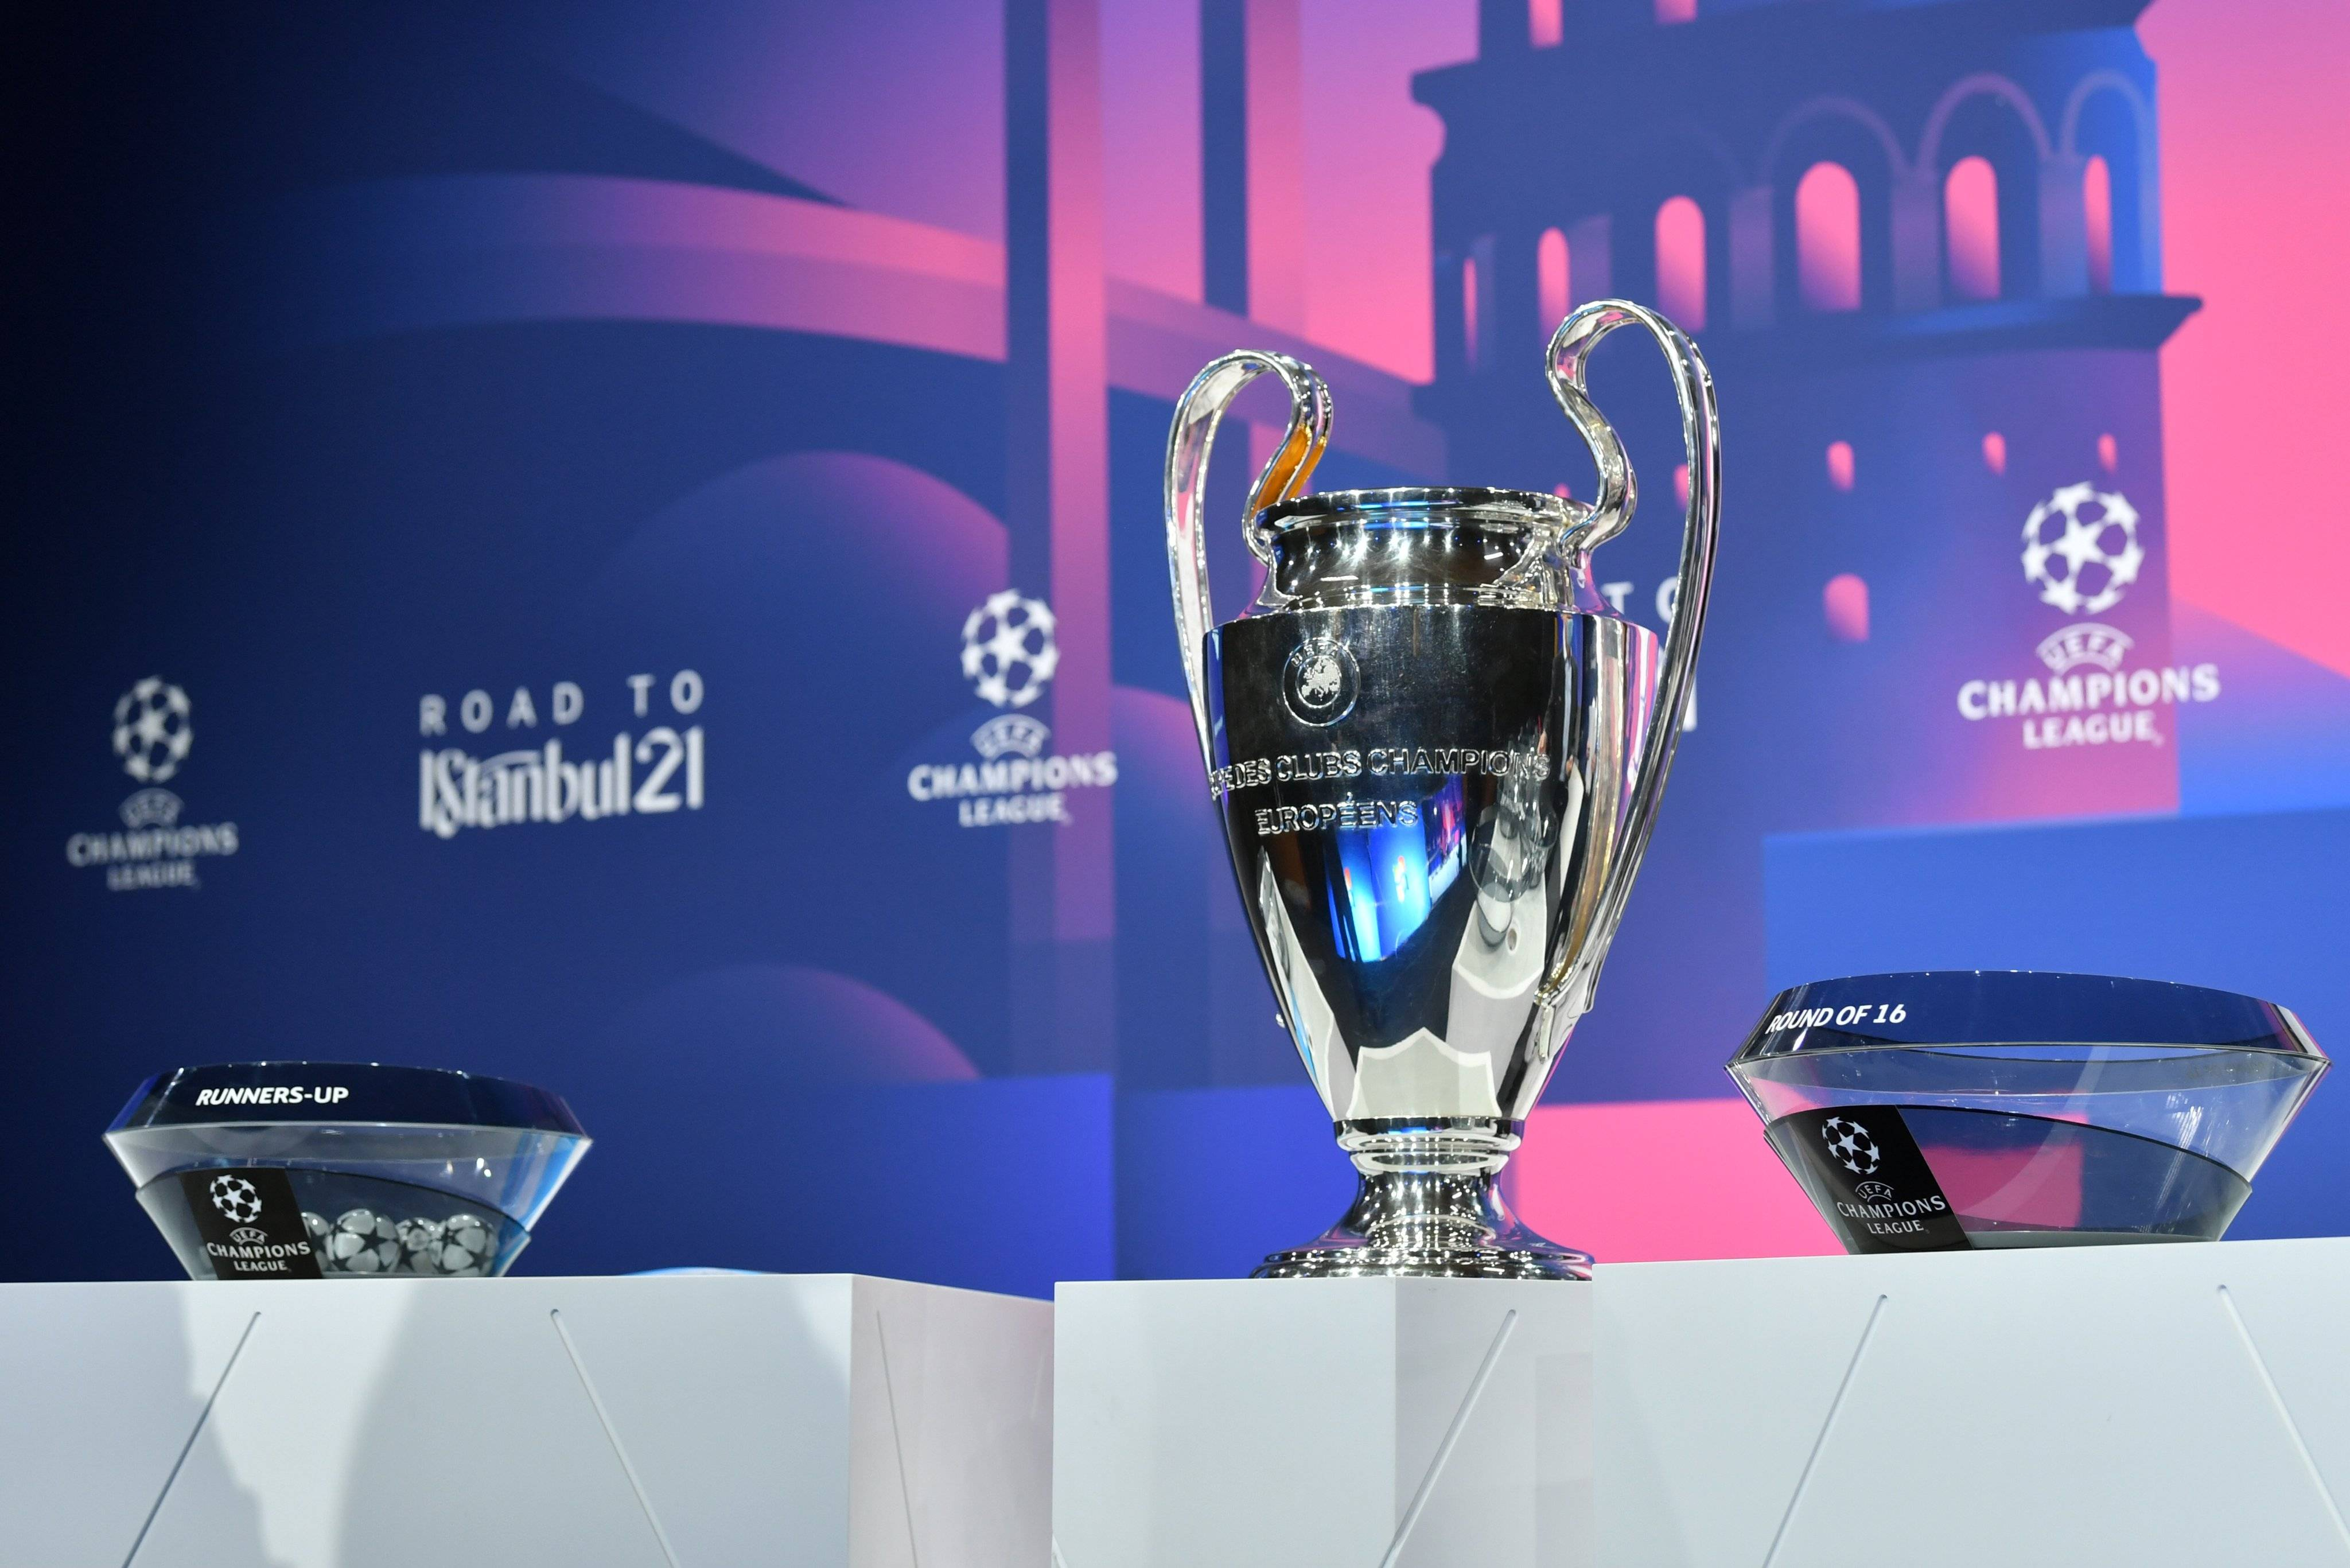 欧冠联赛八分之一决赛抽签在瑞士尼翁举行,终究抽签